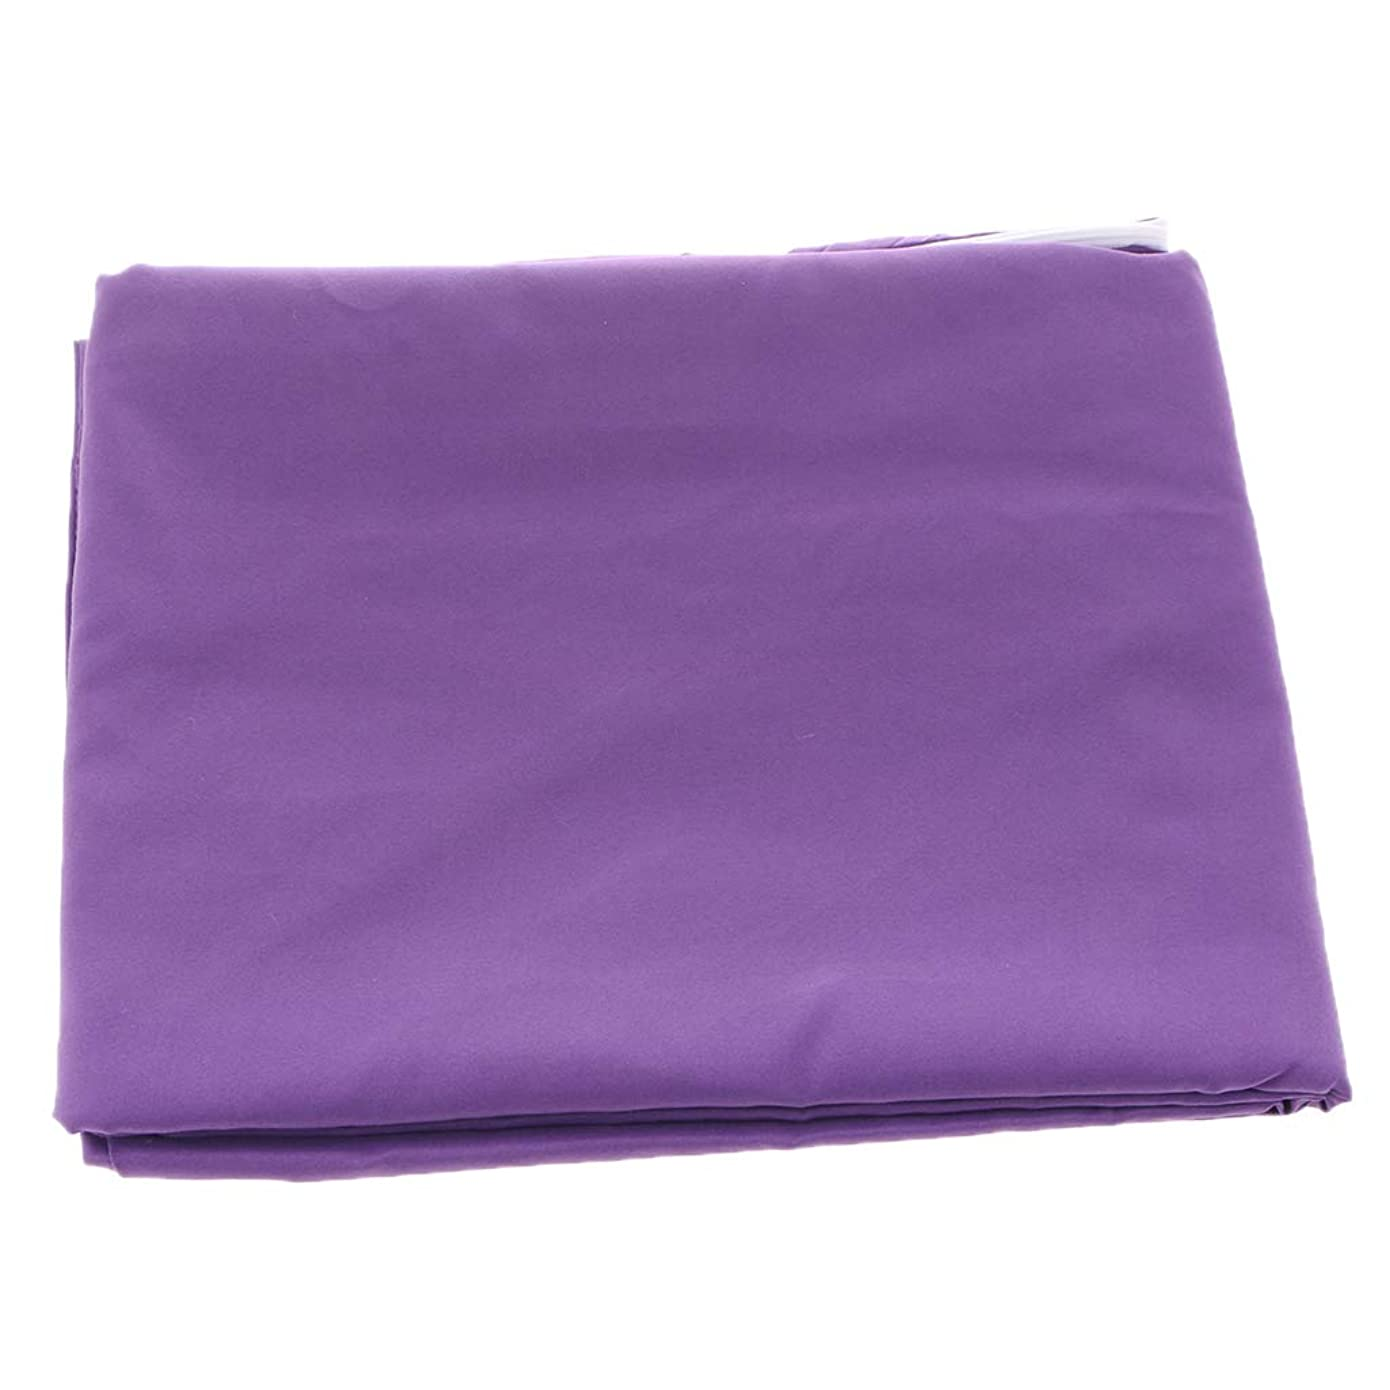 苦しめるキー親B Blesiya 畳 綿製 マットレスカバー マットカバー 快適睡眠 通気性抜群 洗濯可能 防汚 全6色5サイズ - パープル, 100x200cm